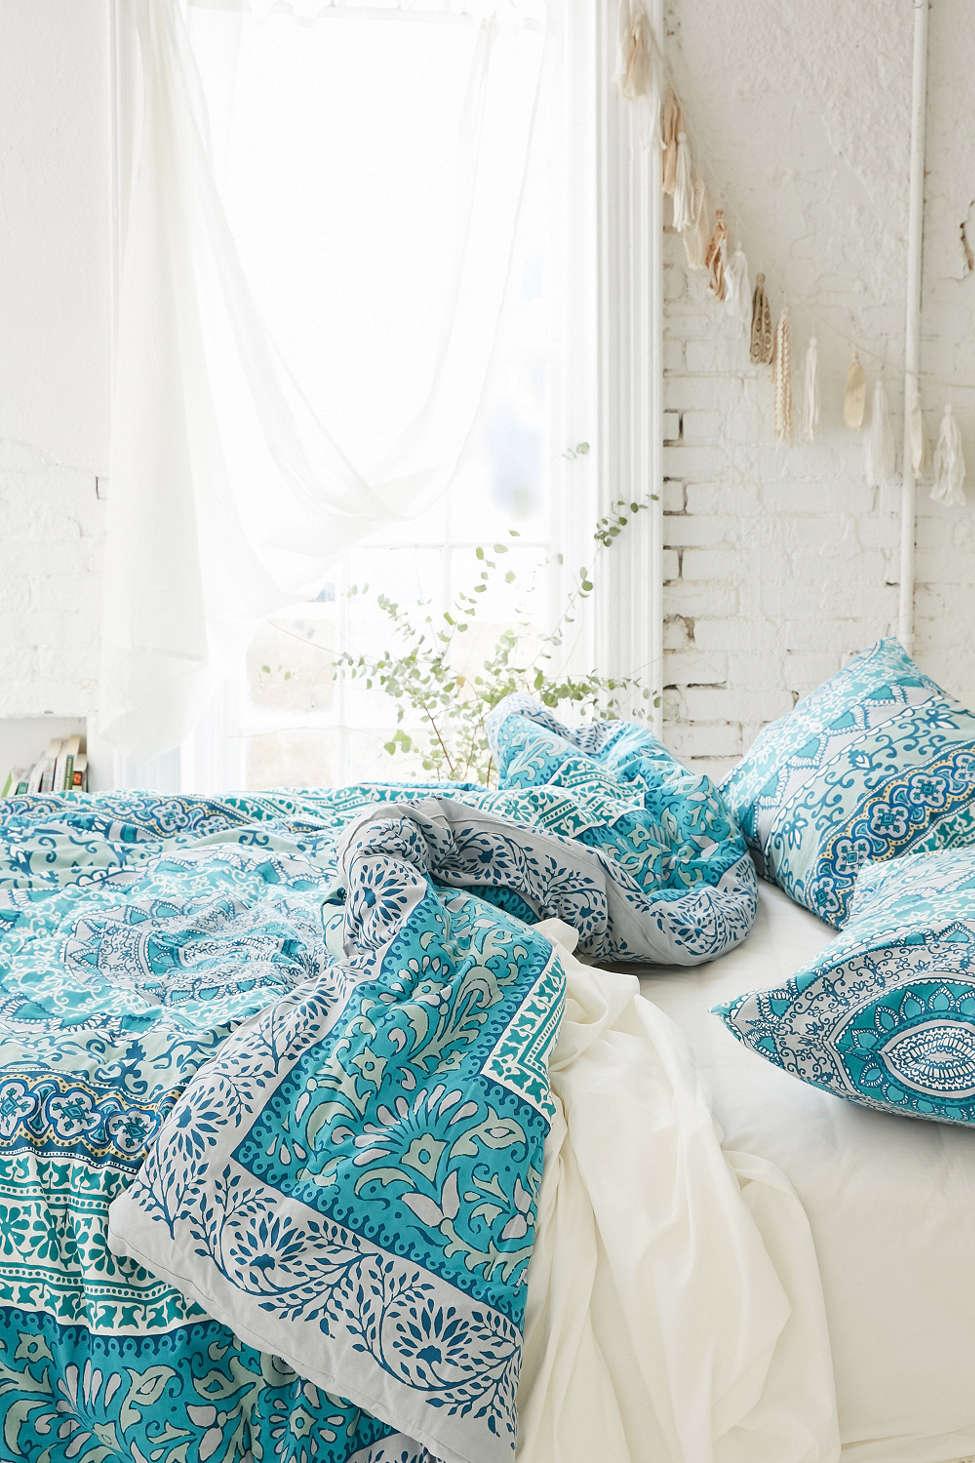 31 Bohemian Bedroom Decor | Boho room ideas | Decoholic on Bohemian Bedroom Ideas  id=59718